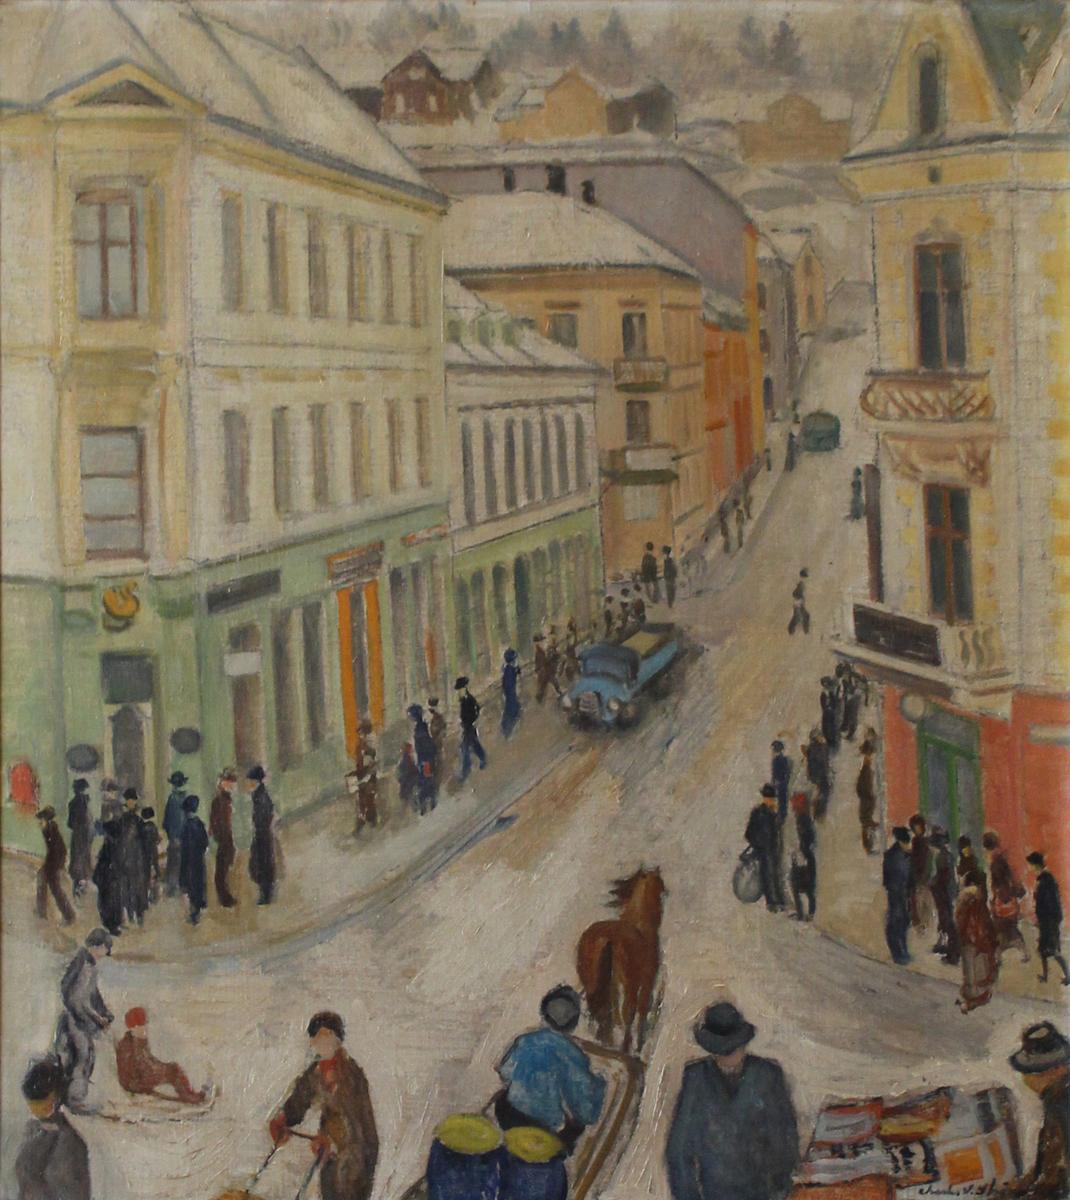 Charles Strøm debuterte på Høstutstillingen i 1911 og vekket oppmerksomhet med arbeidene «Midtsommerdag» og «Løvtunge trær». Hans første separatutstilling (Kunstnerforbundet, Oslo) i 1916 ble et gjennombrudd. Hans tidlige malerier bar tydelig merke av innflytelse fra Chr. Krohg og Hans Heyerdahl. Etter en studietur til Paris i 1913 var han en kort tid påvirket av fransk kunst, især av Paul Gauguin.   I 1920-årene kom Strøm for første gang til Telemark og vendte senere tilbake hver sommer. I mellomkrigstiden kjøpte han en nedlagt fjellgard, Kleivberg i Flatdal, hvor han tilbrakte store deler av året og malte landskap og interiører i tillegg til figurkomposisjoner og portretter. Også byprospekter inngikk i motivkretsen.   Strøm holdt fast ved det naturalistiske formspråk, gjerne med en impresjonistpreget oppdeling av fargen. I årene etter 2. verdenskrig ble koloritten lysere, og omkring 1950 prøvde han å stramme inn formen ved en mer bevisst komposisjon med vekt på linjespillet. Strøm drev i mange år en liten malerskole. Blant elevene var Harald Kihle og Kåre Martinsen.  Kilde:  Wikborg, Ingeborg. (2014, 21. desember). Charles Strøm. I Norsk kunstnerleksikon. Hentet 22. april 2019 fra https://nkl.snl.no/Charles_Str%C3%B8m